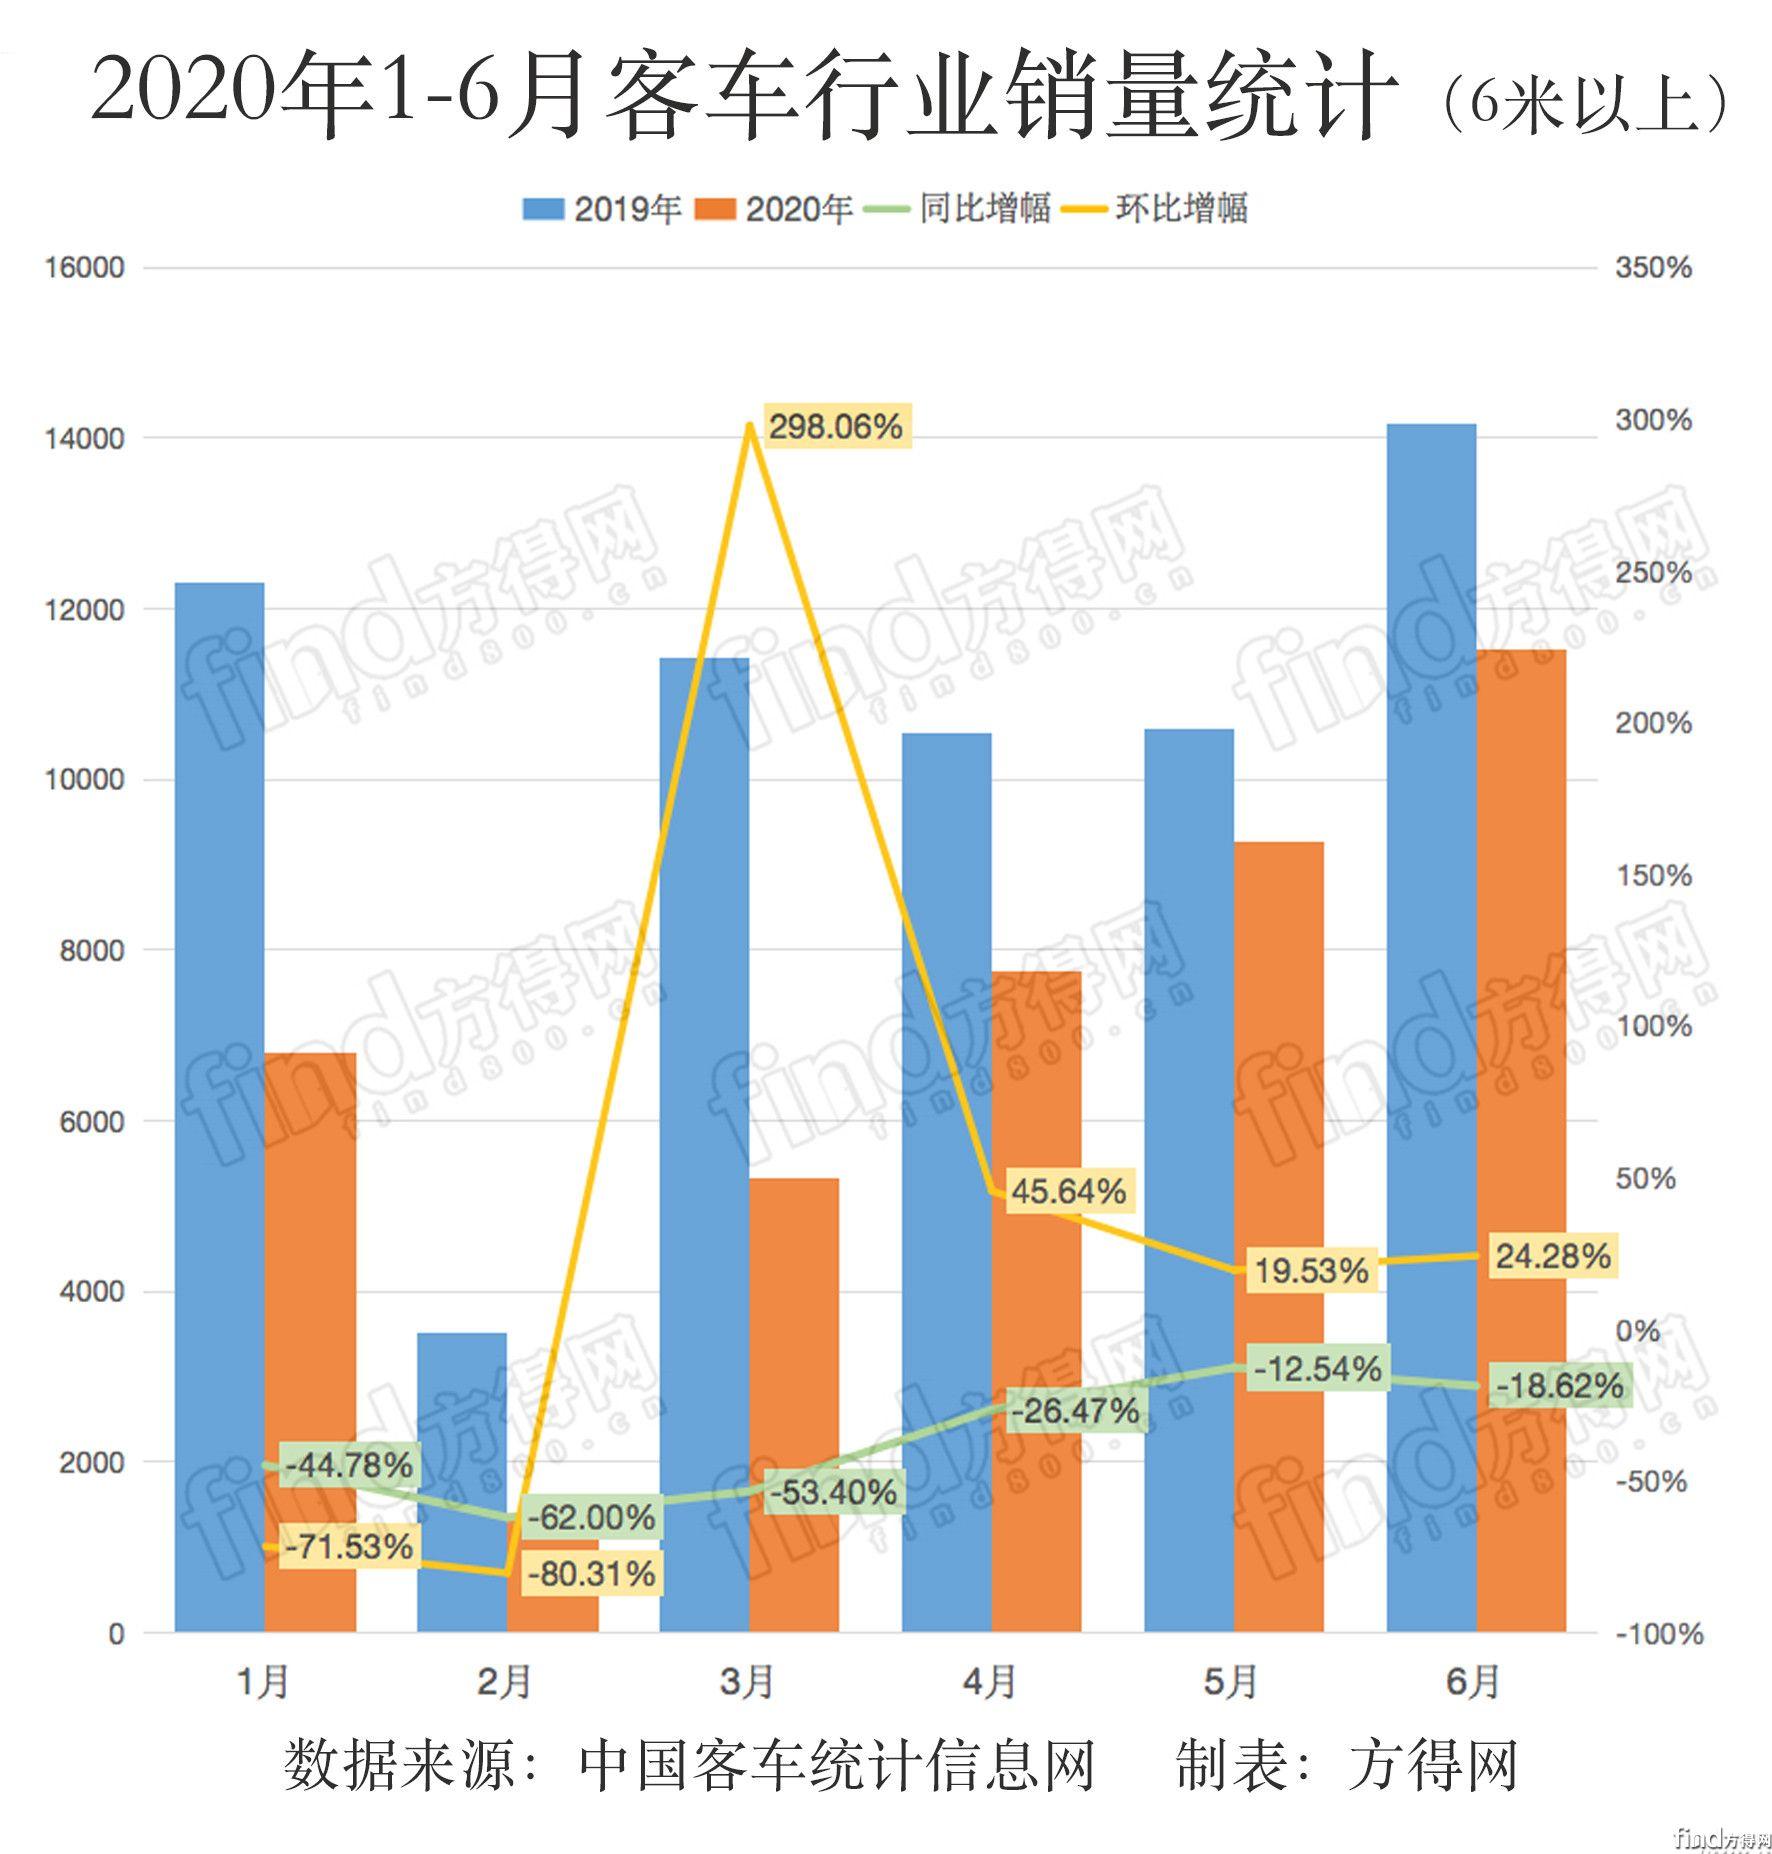 6月比亚迪飞增170% 欧辉疯涨近190% 下半年大中客市场还能好吗?